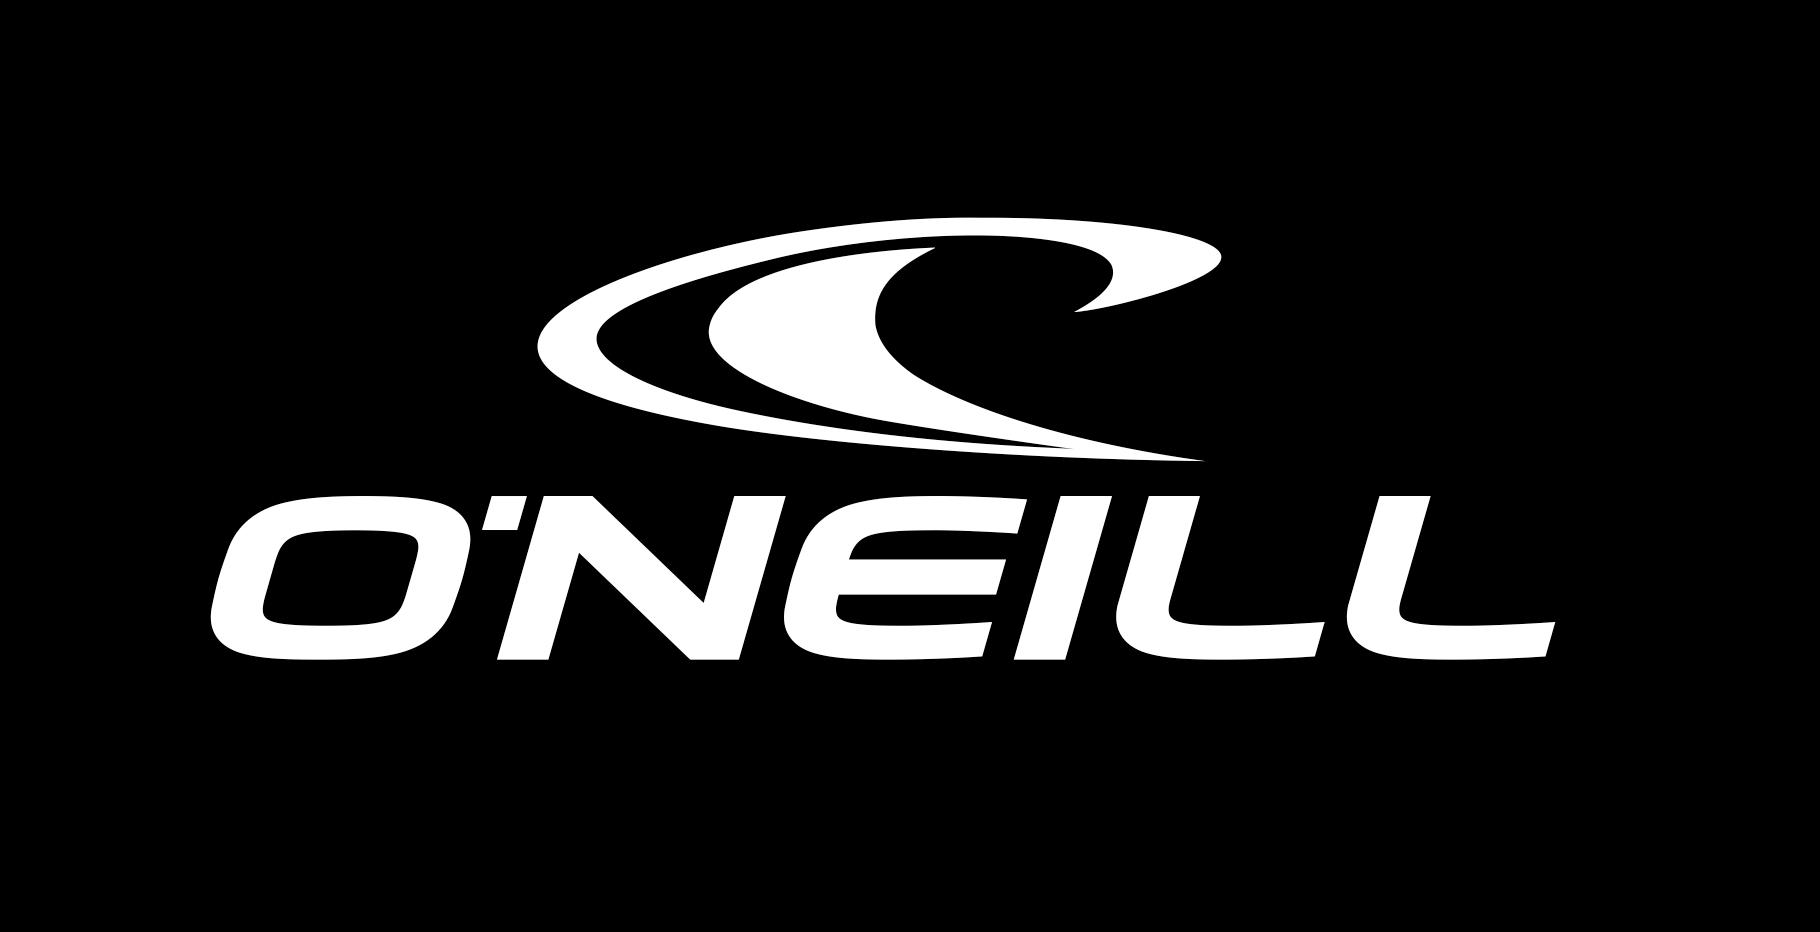 O'Neill logo - Black | :D | Clothing brand logos, Surf logo